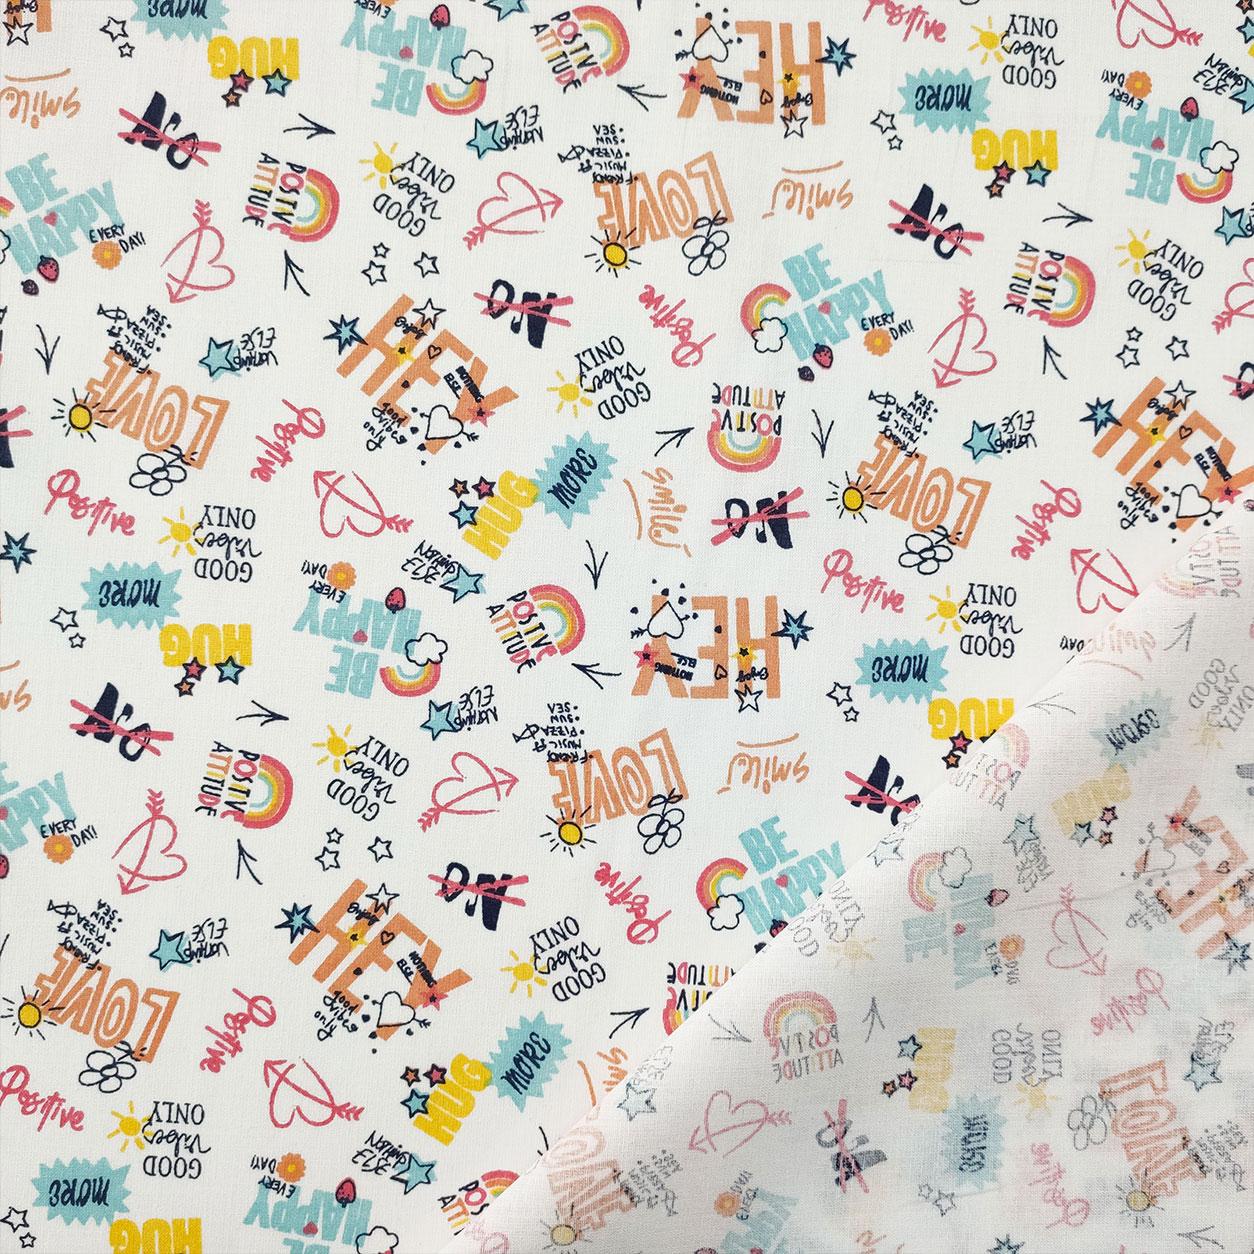 Tessuto di Cotone Scritte Colorate